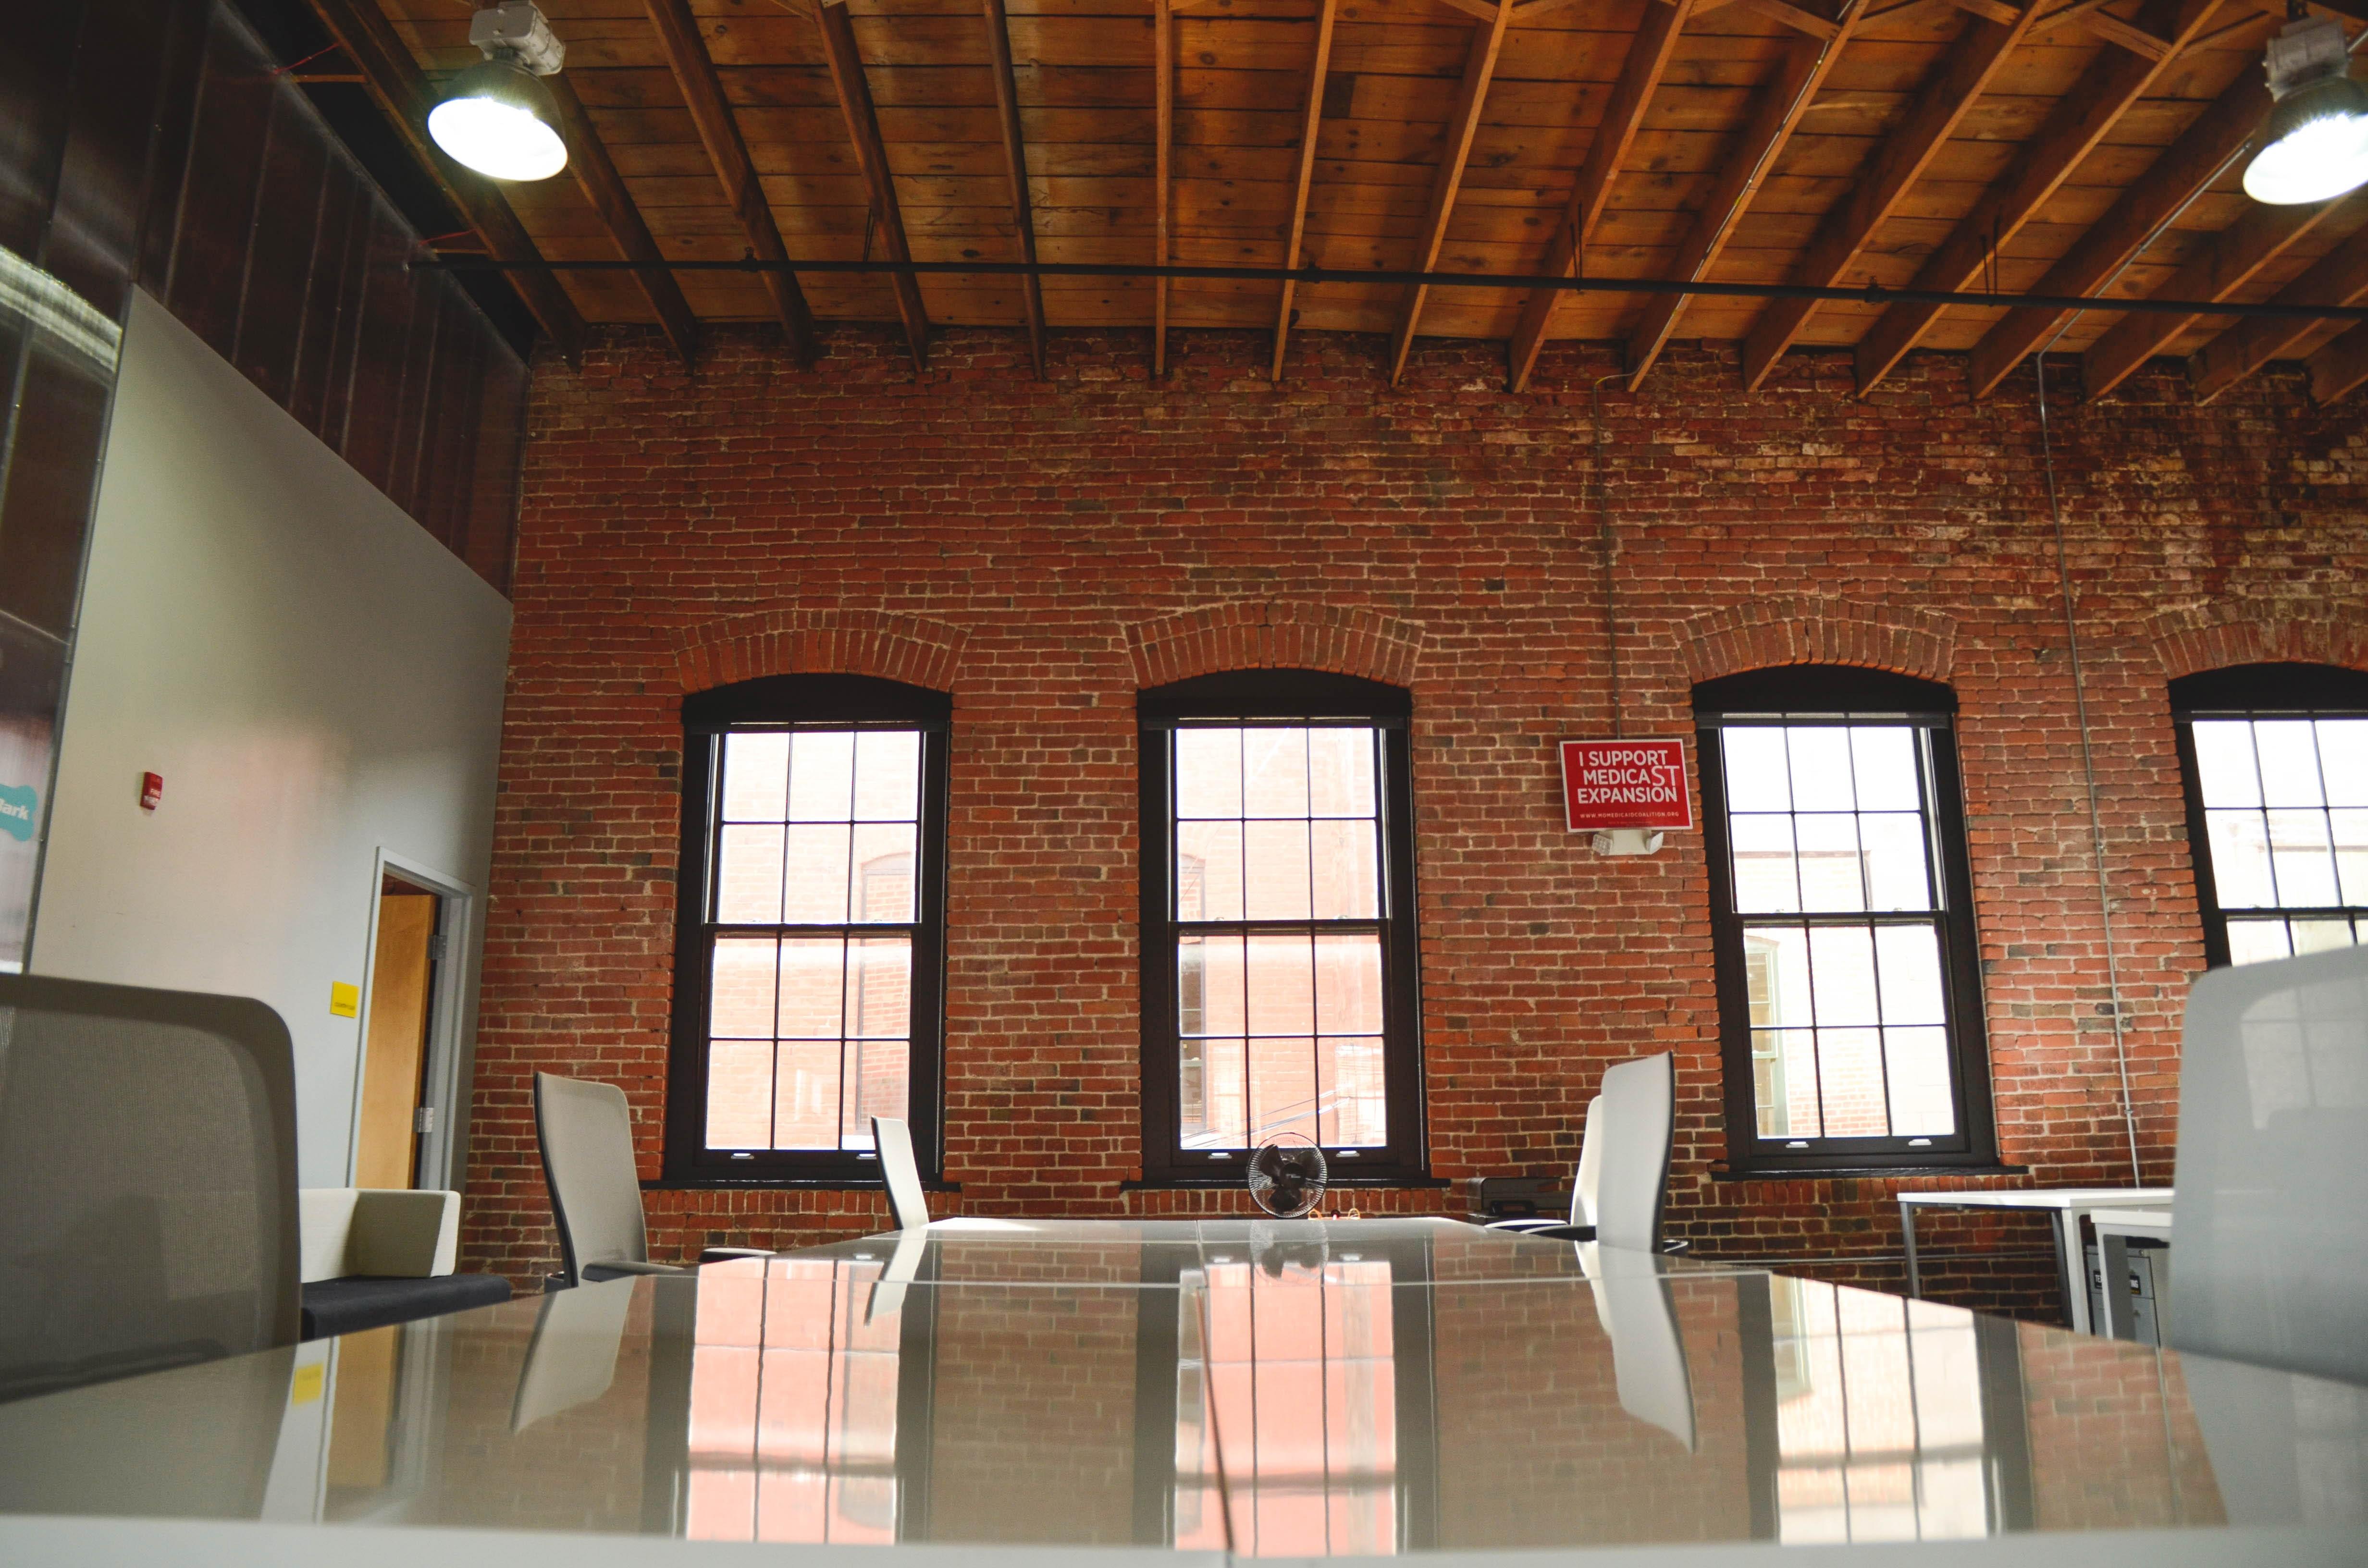 Kostenlose foto schreibtisch tabelle die architektur for Innenarchitektur unternehmen